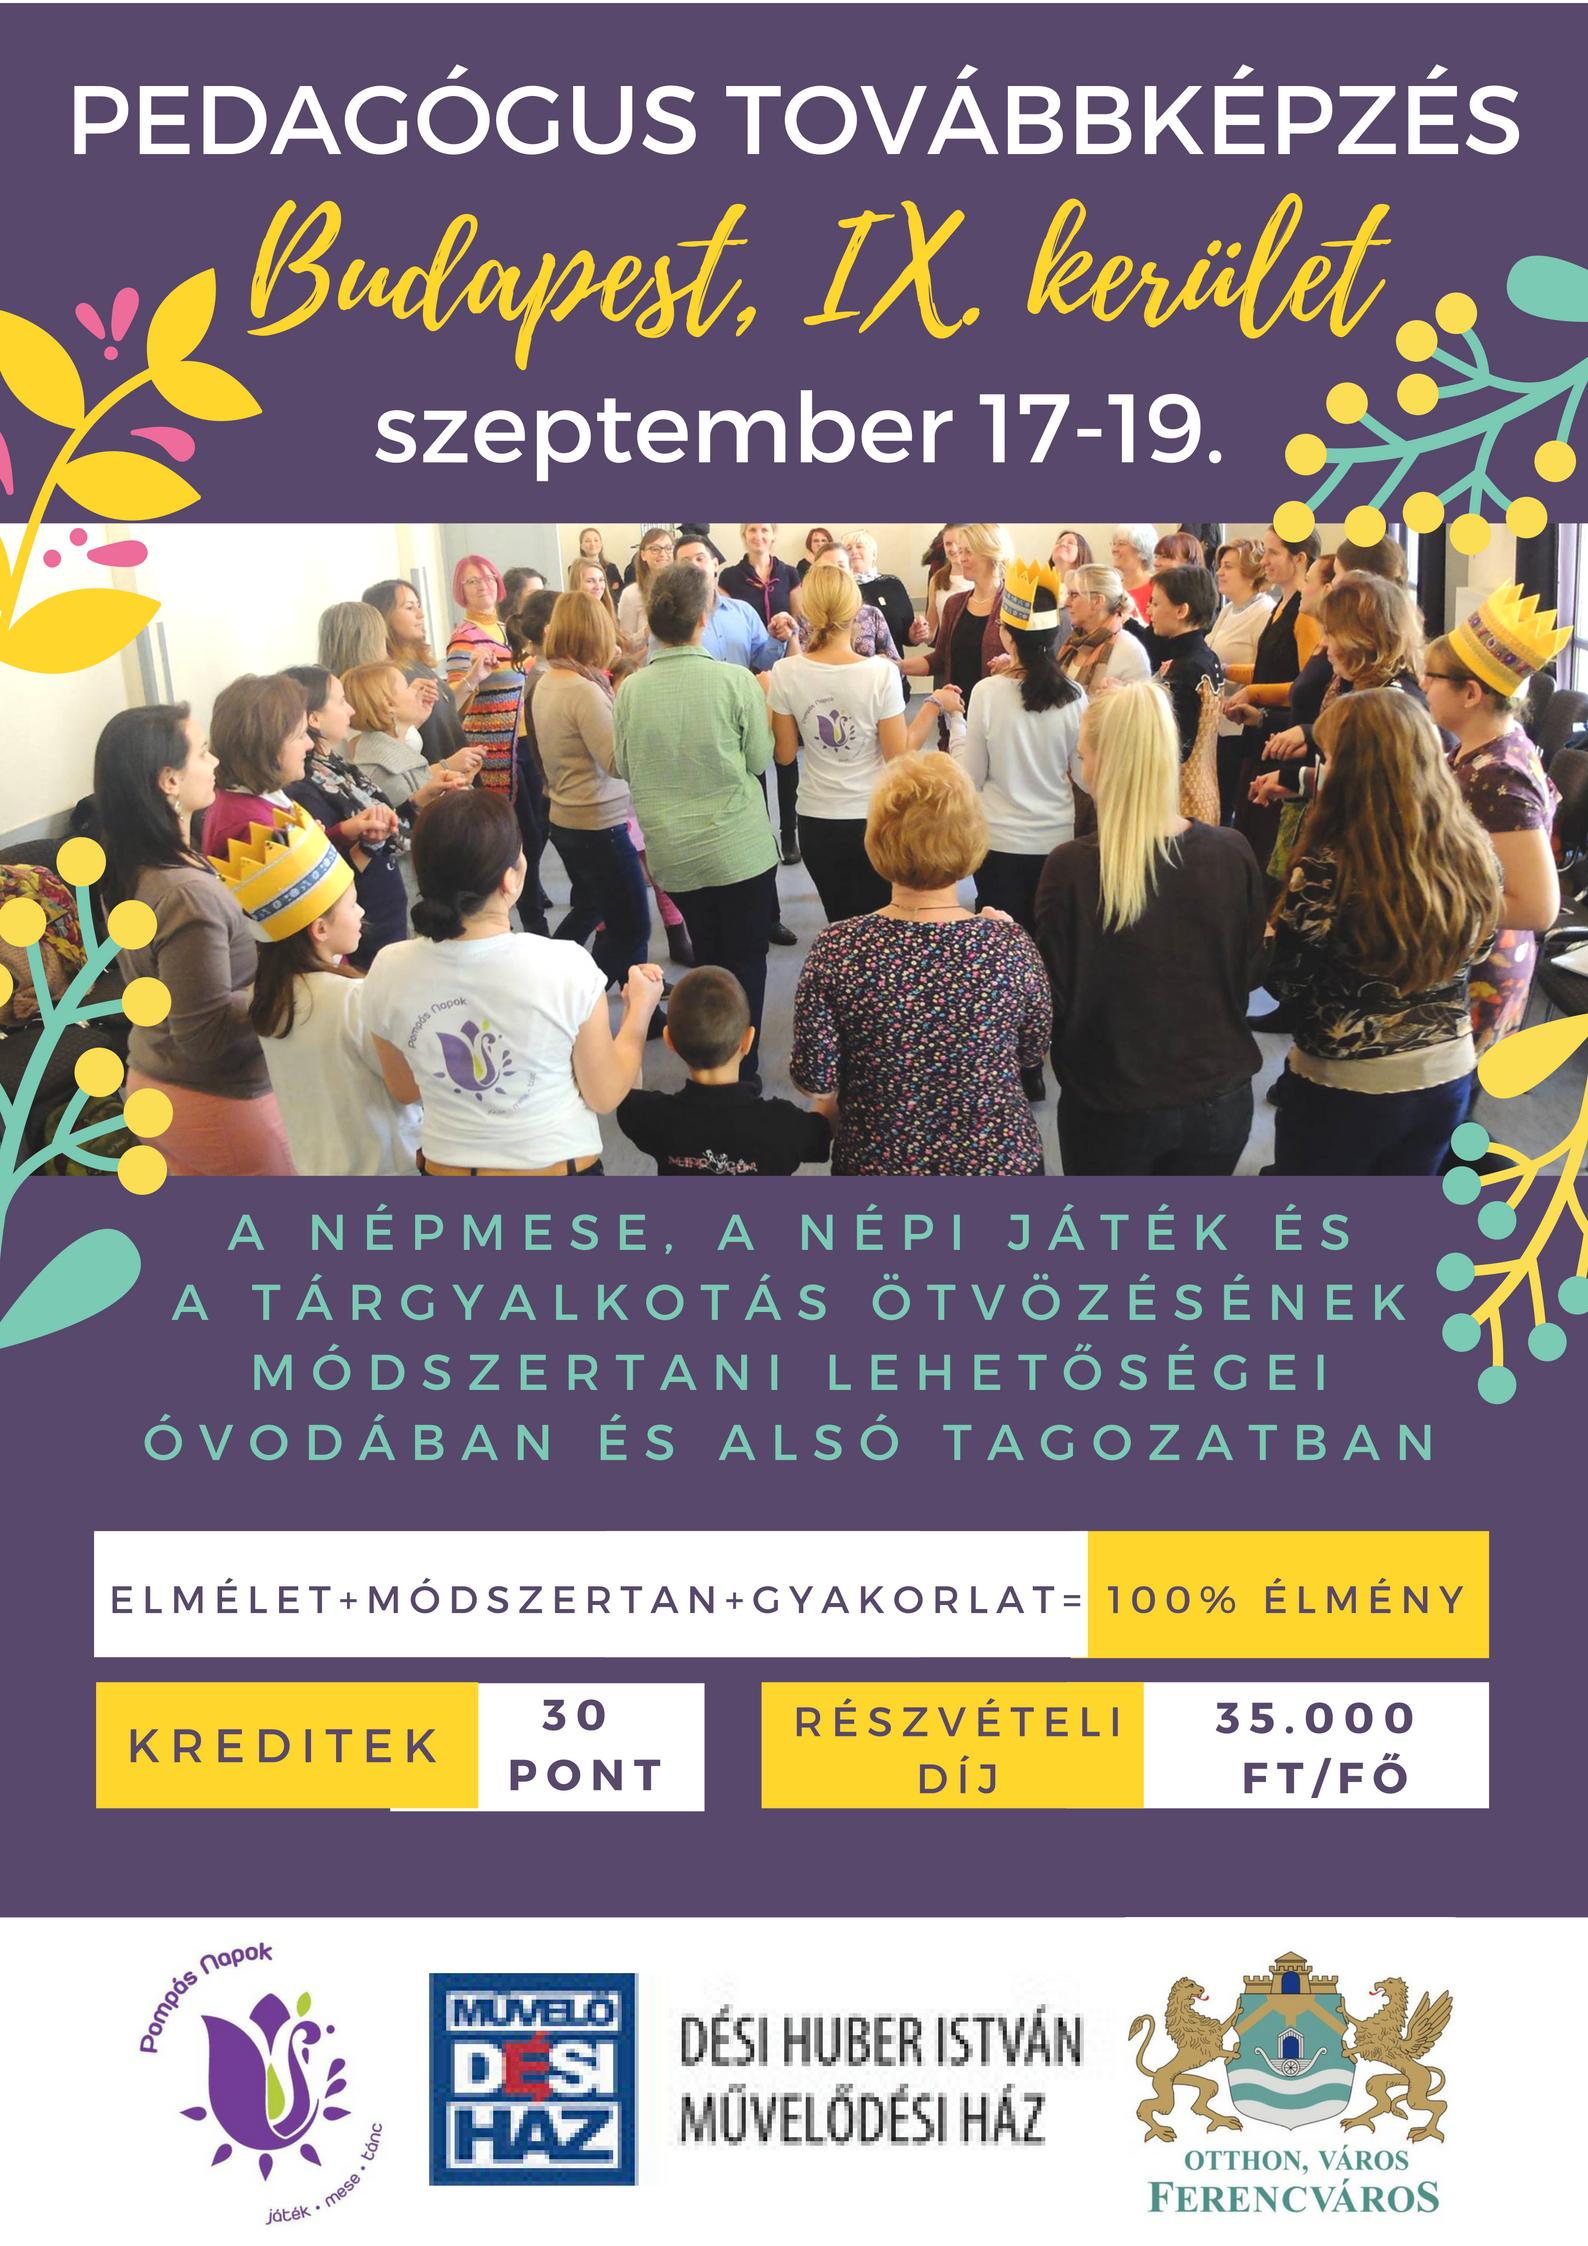 pedagogus_tovabbkepzes_szeptember_17-19.jpg